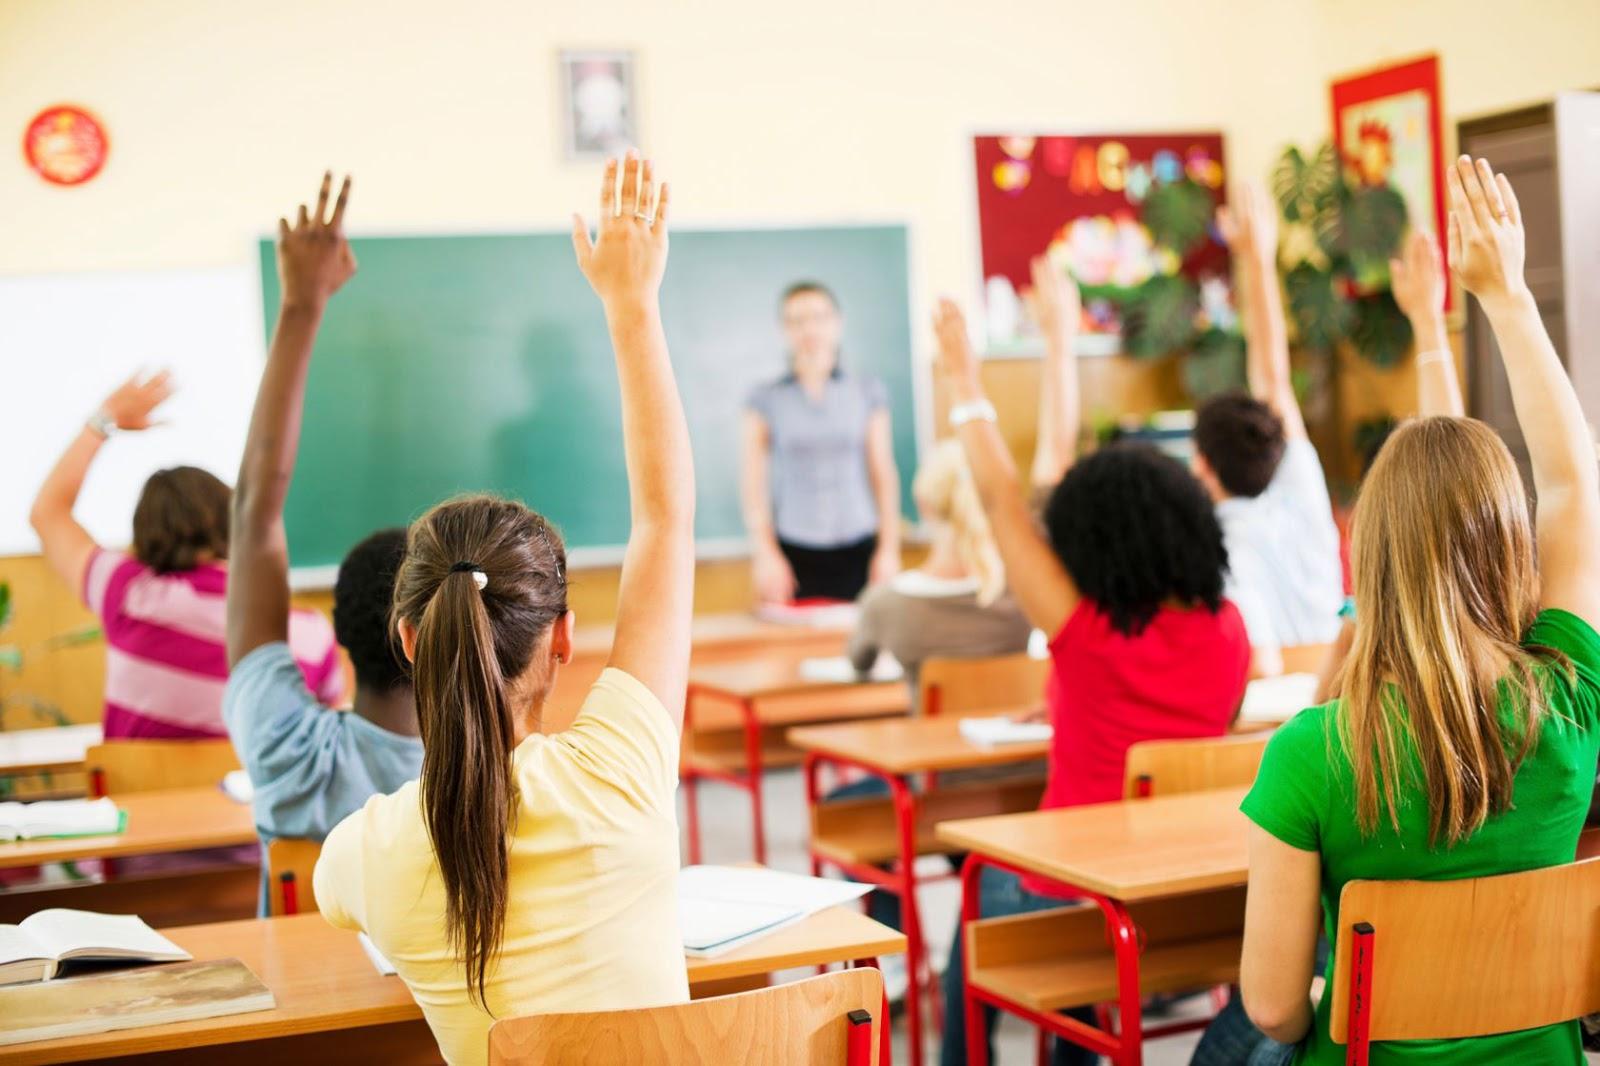 Proses pembelajaran di dalam kelas cewek